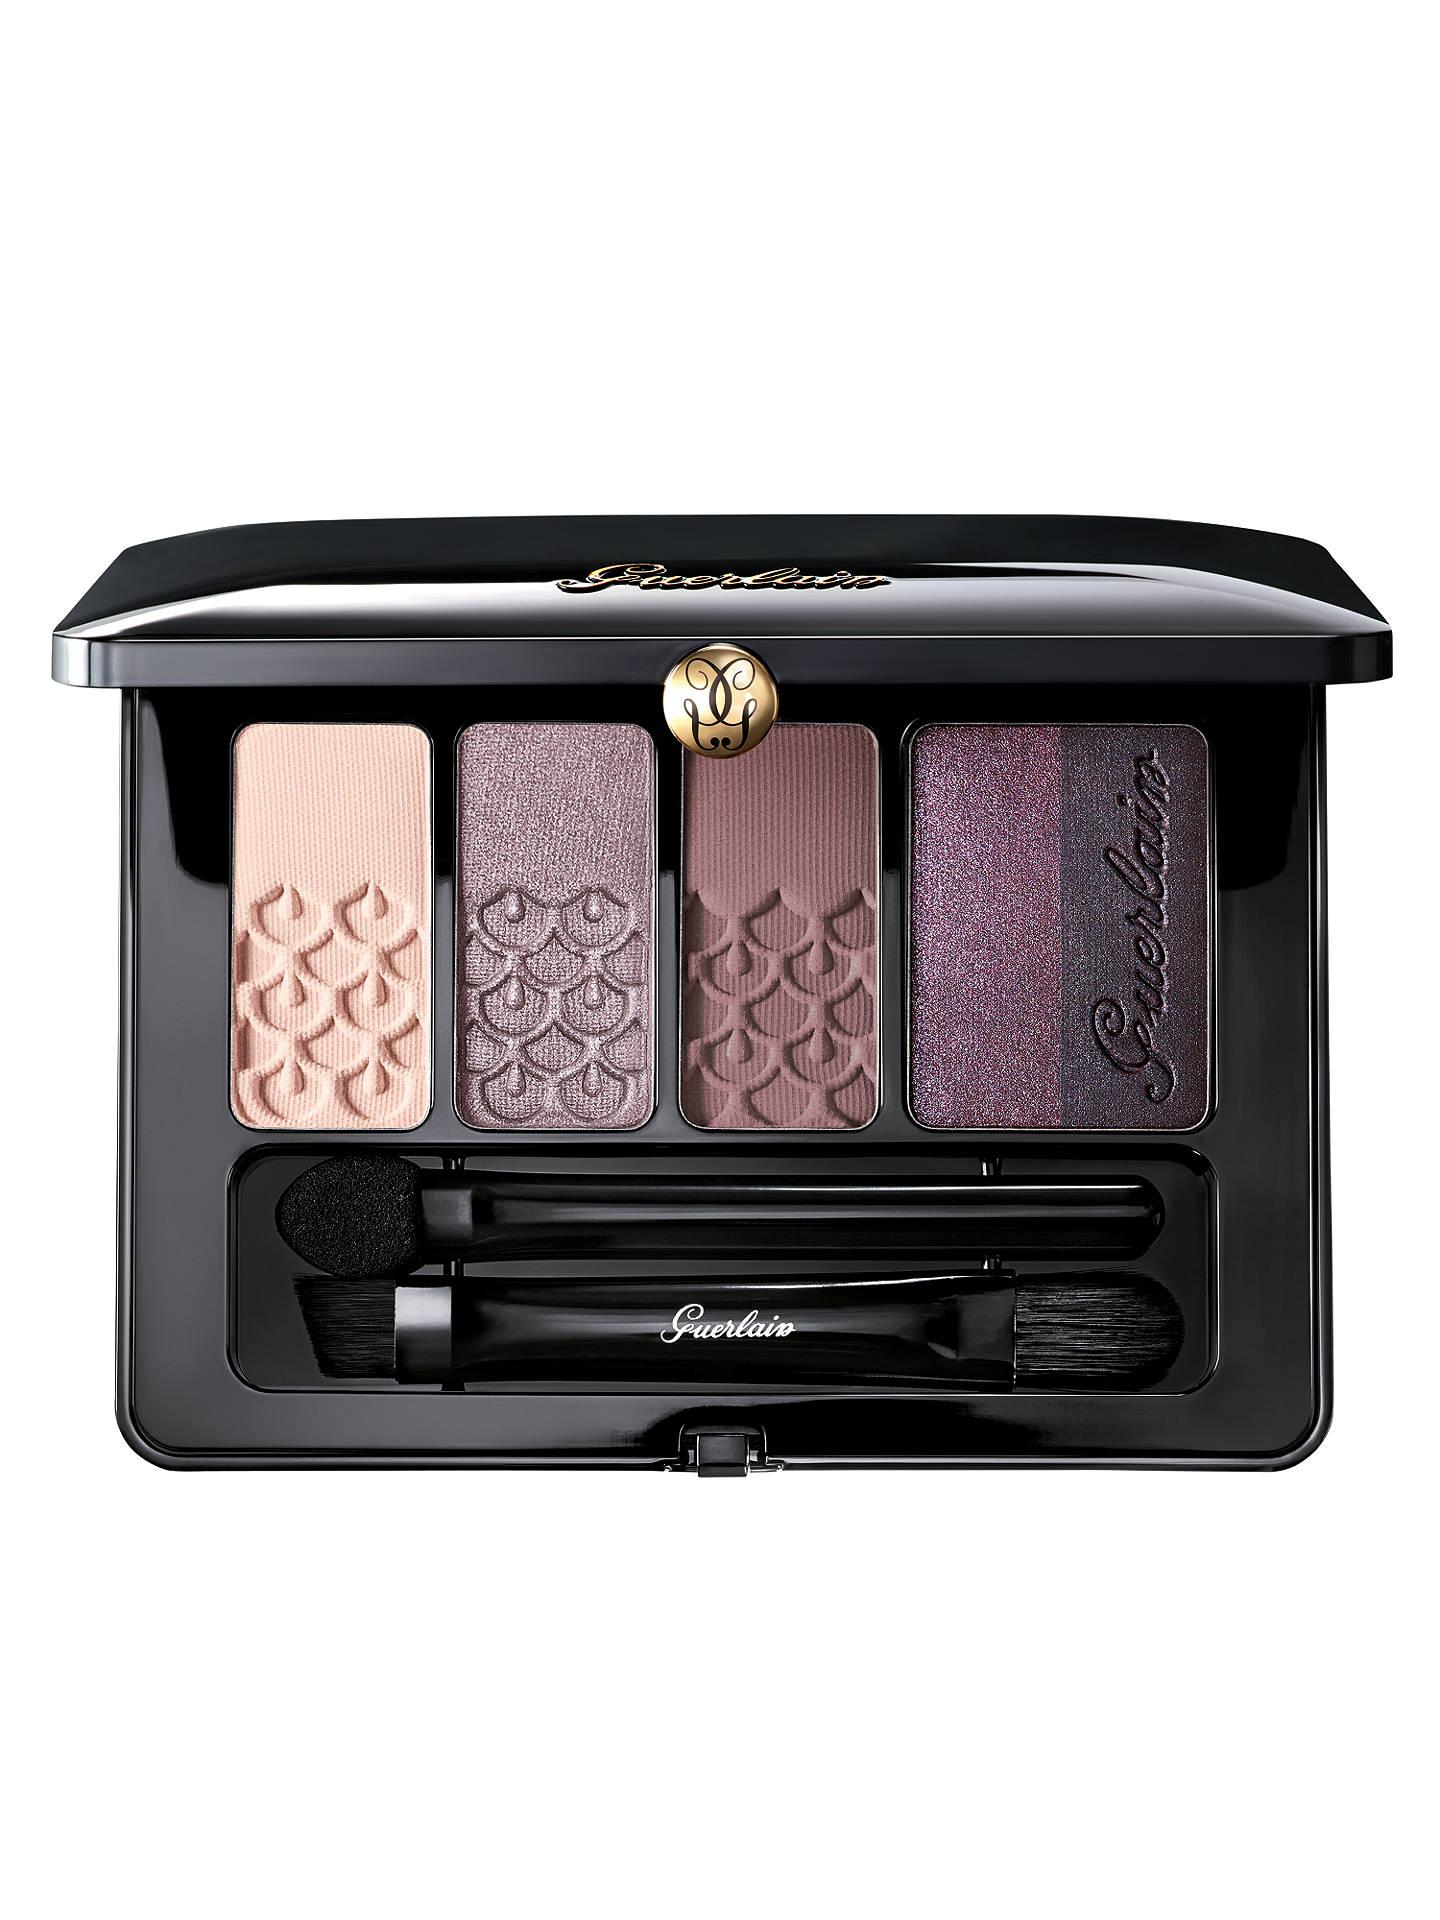 Guerlain La Palette 5 Couleurs Eyeshadow At John Lewis Partners Colors Color Matte Buyguerlain 1 Rose Barbare Online